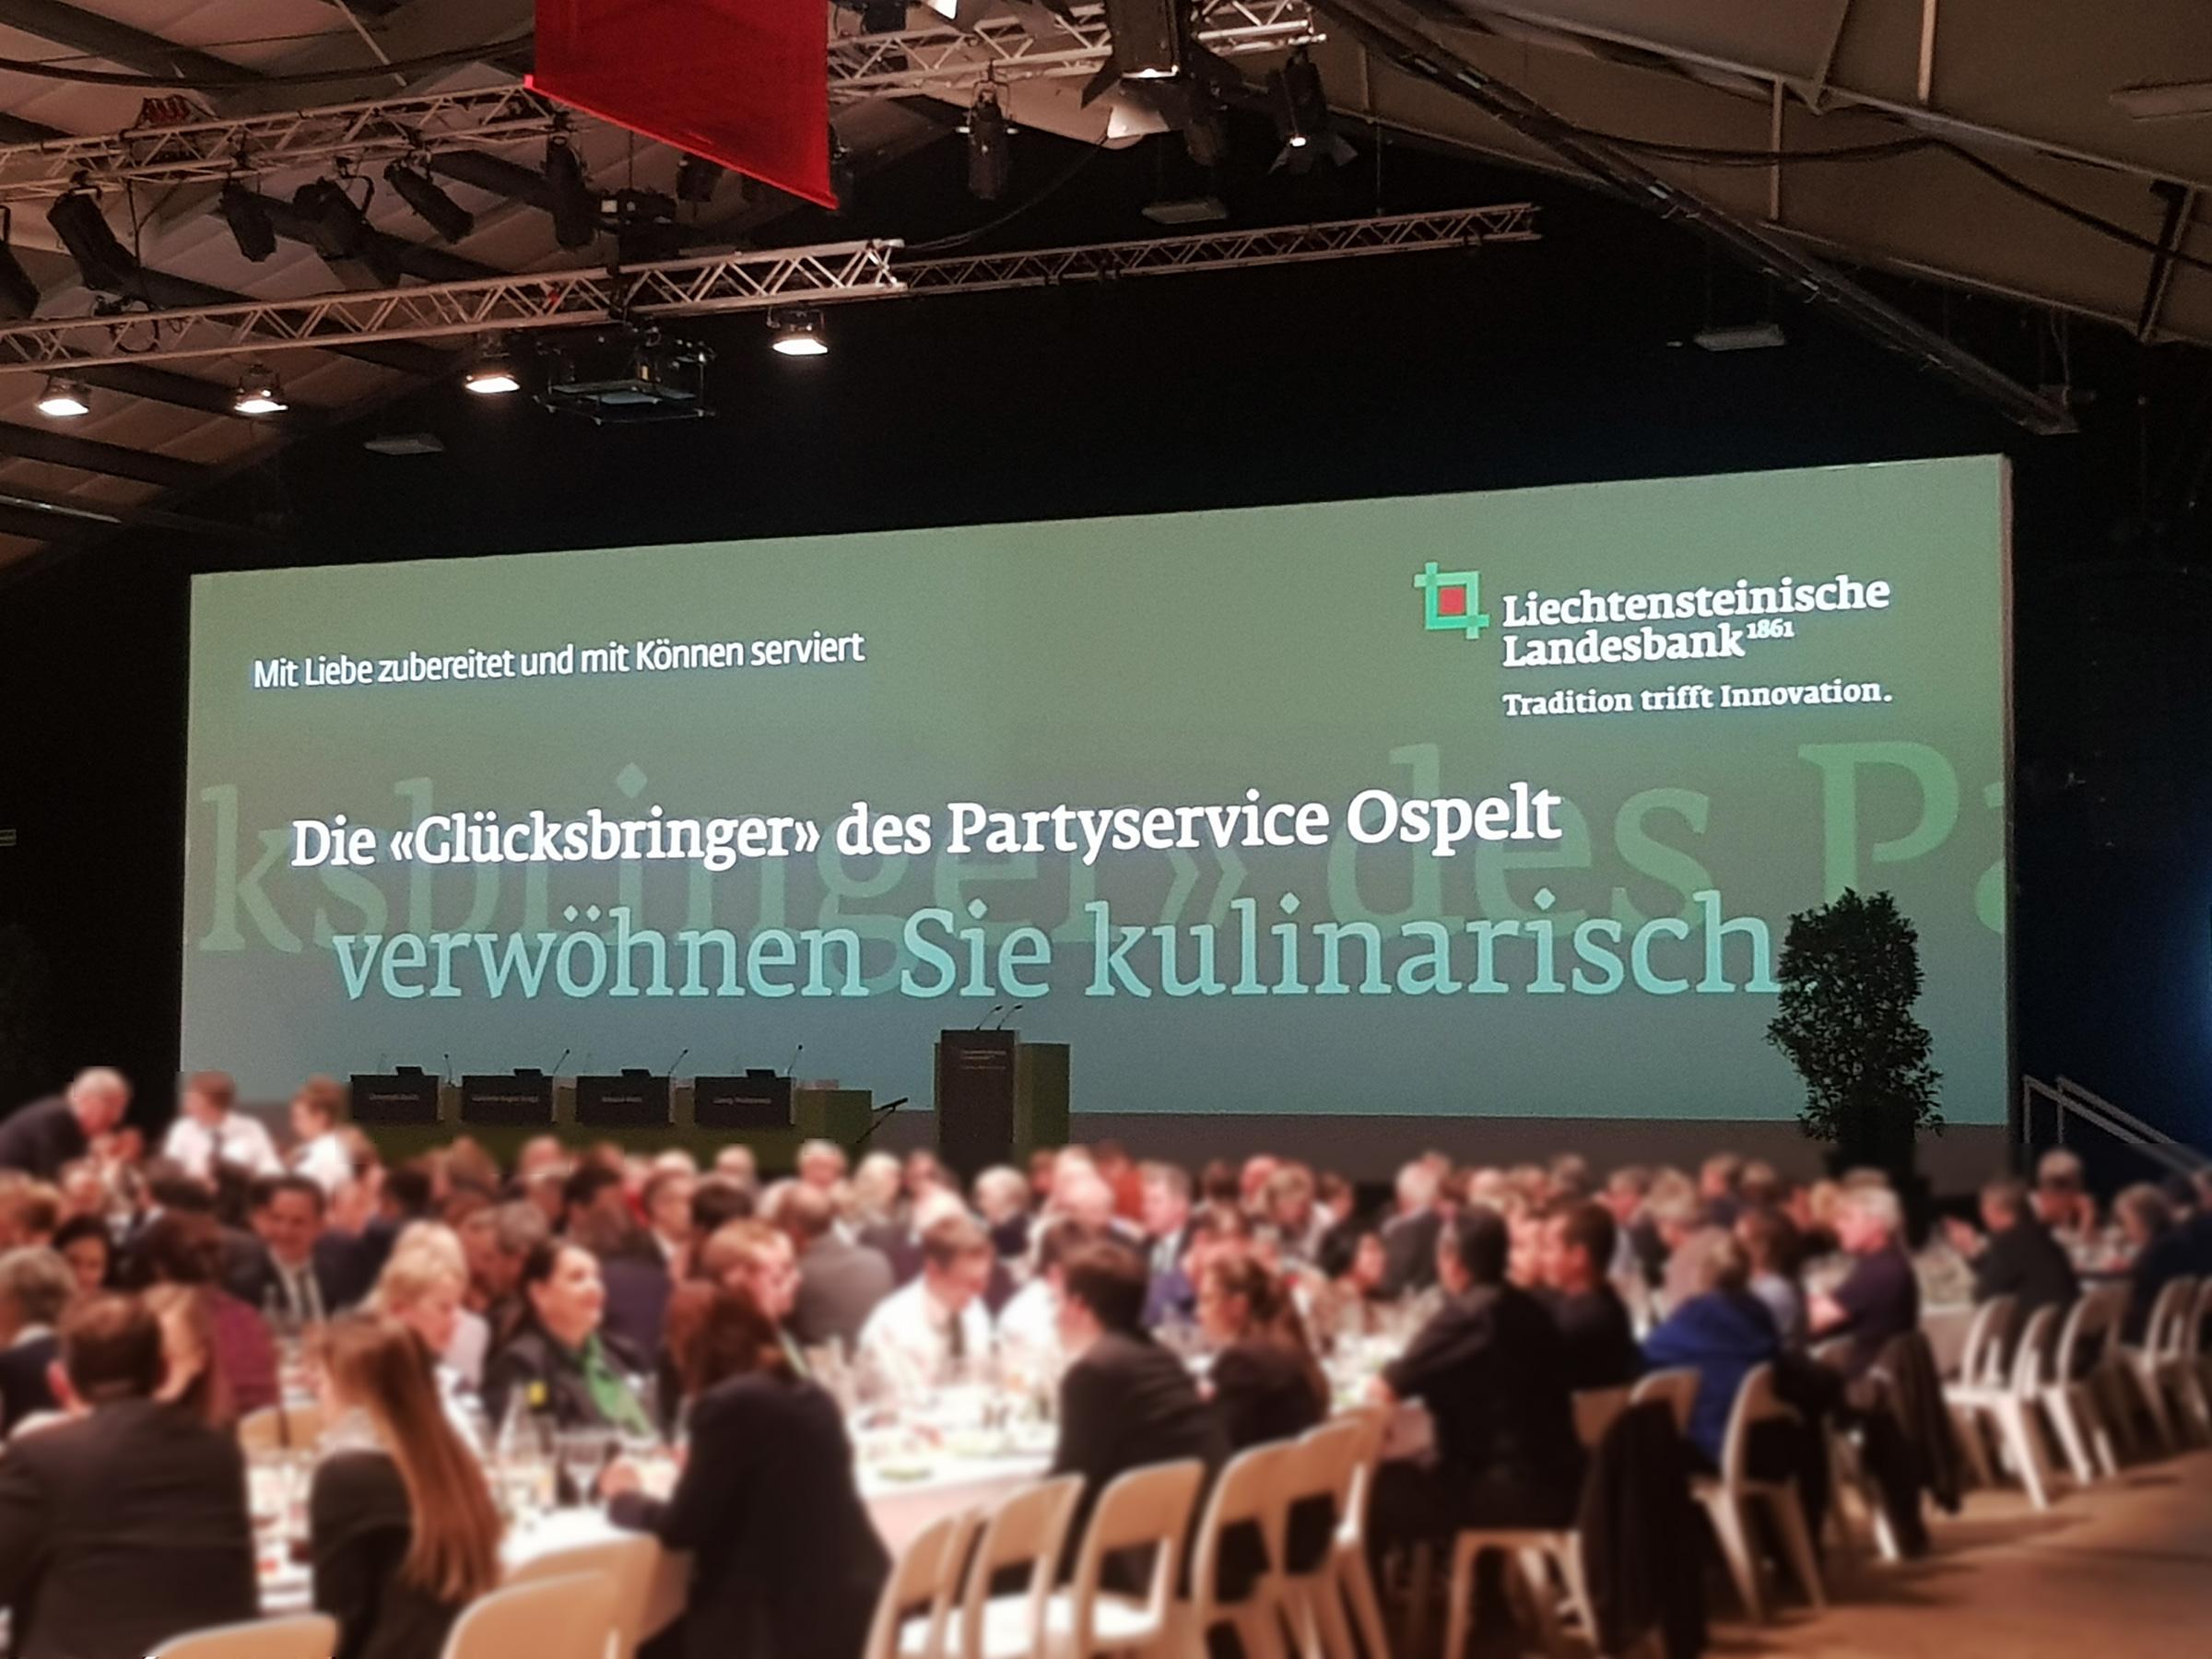 Christie D20WU-HS 1DLP Laser Projektor bei der Liechtensteinischen Landesbank Generalversammlung 2019